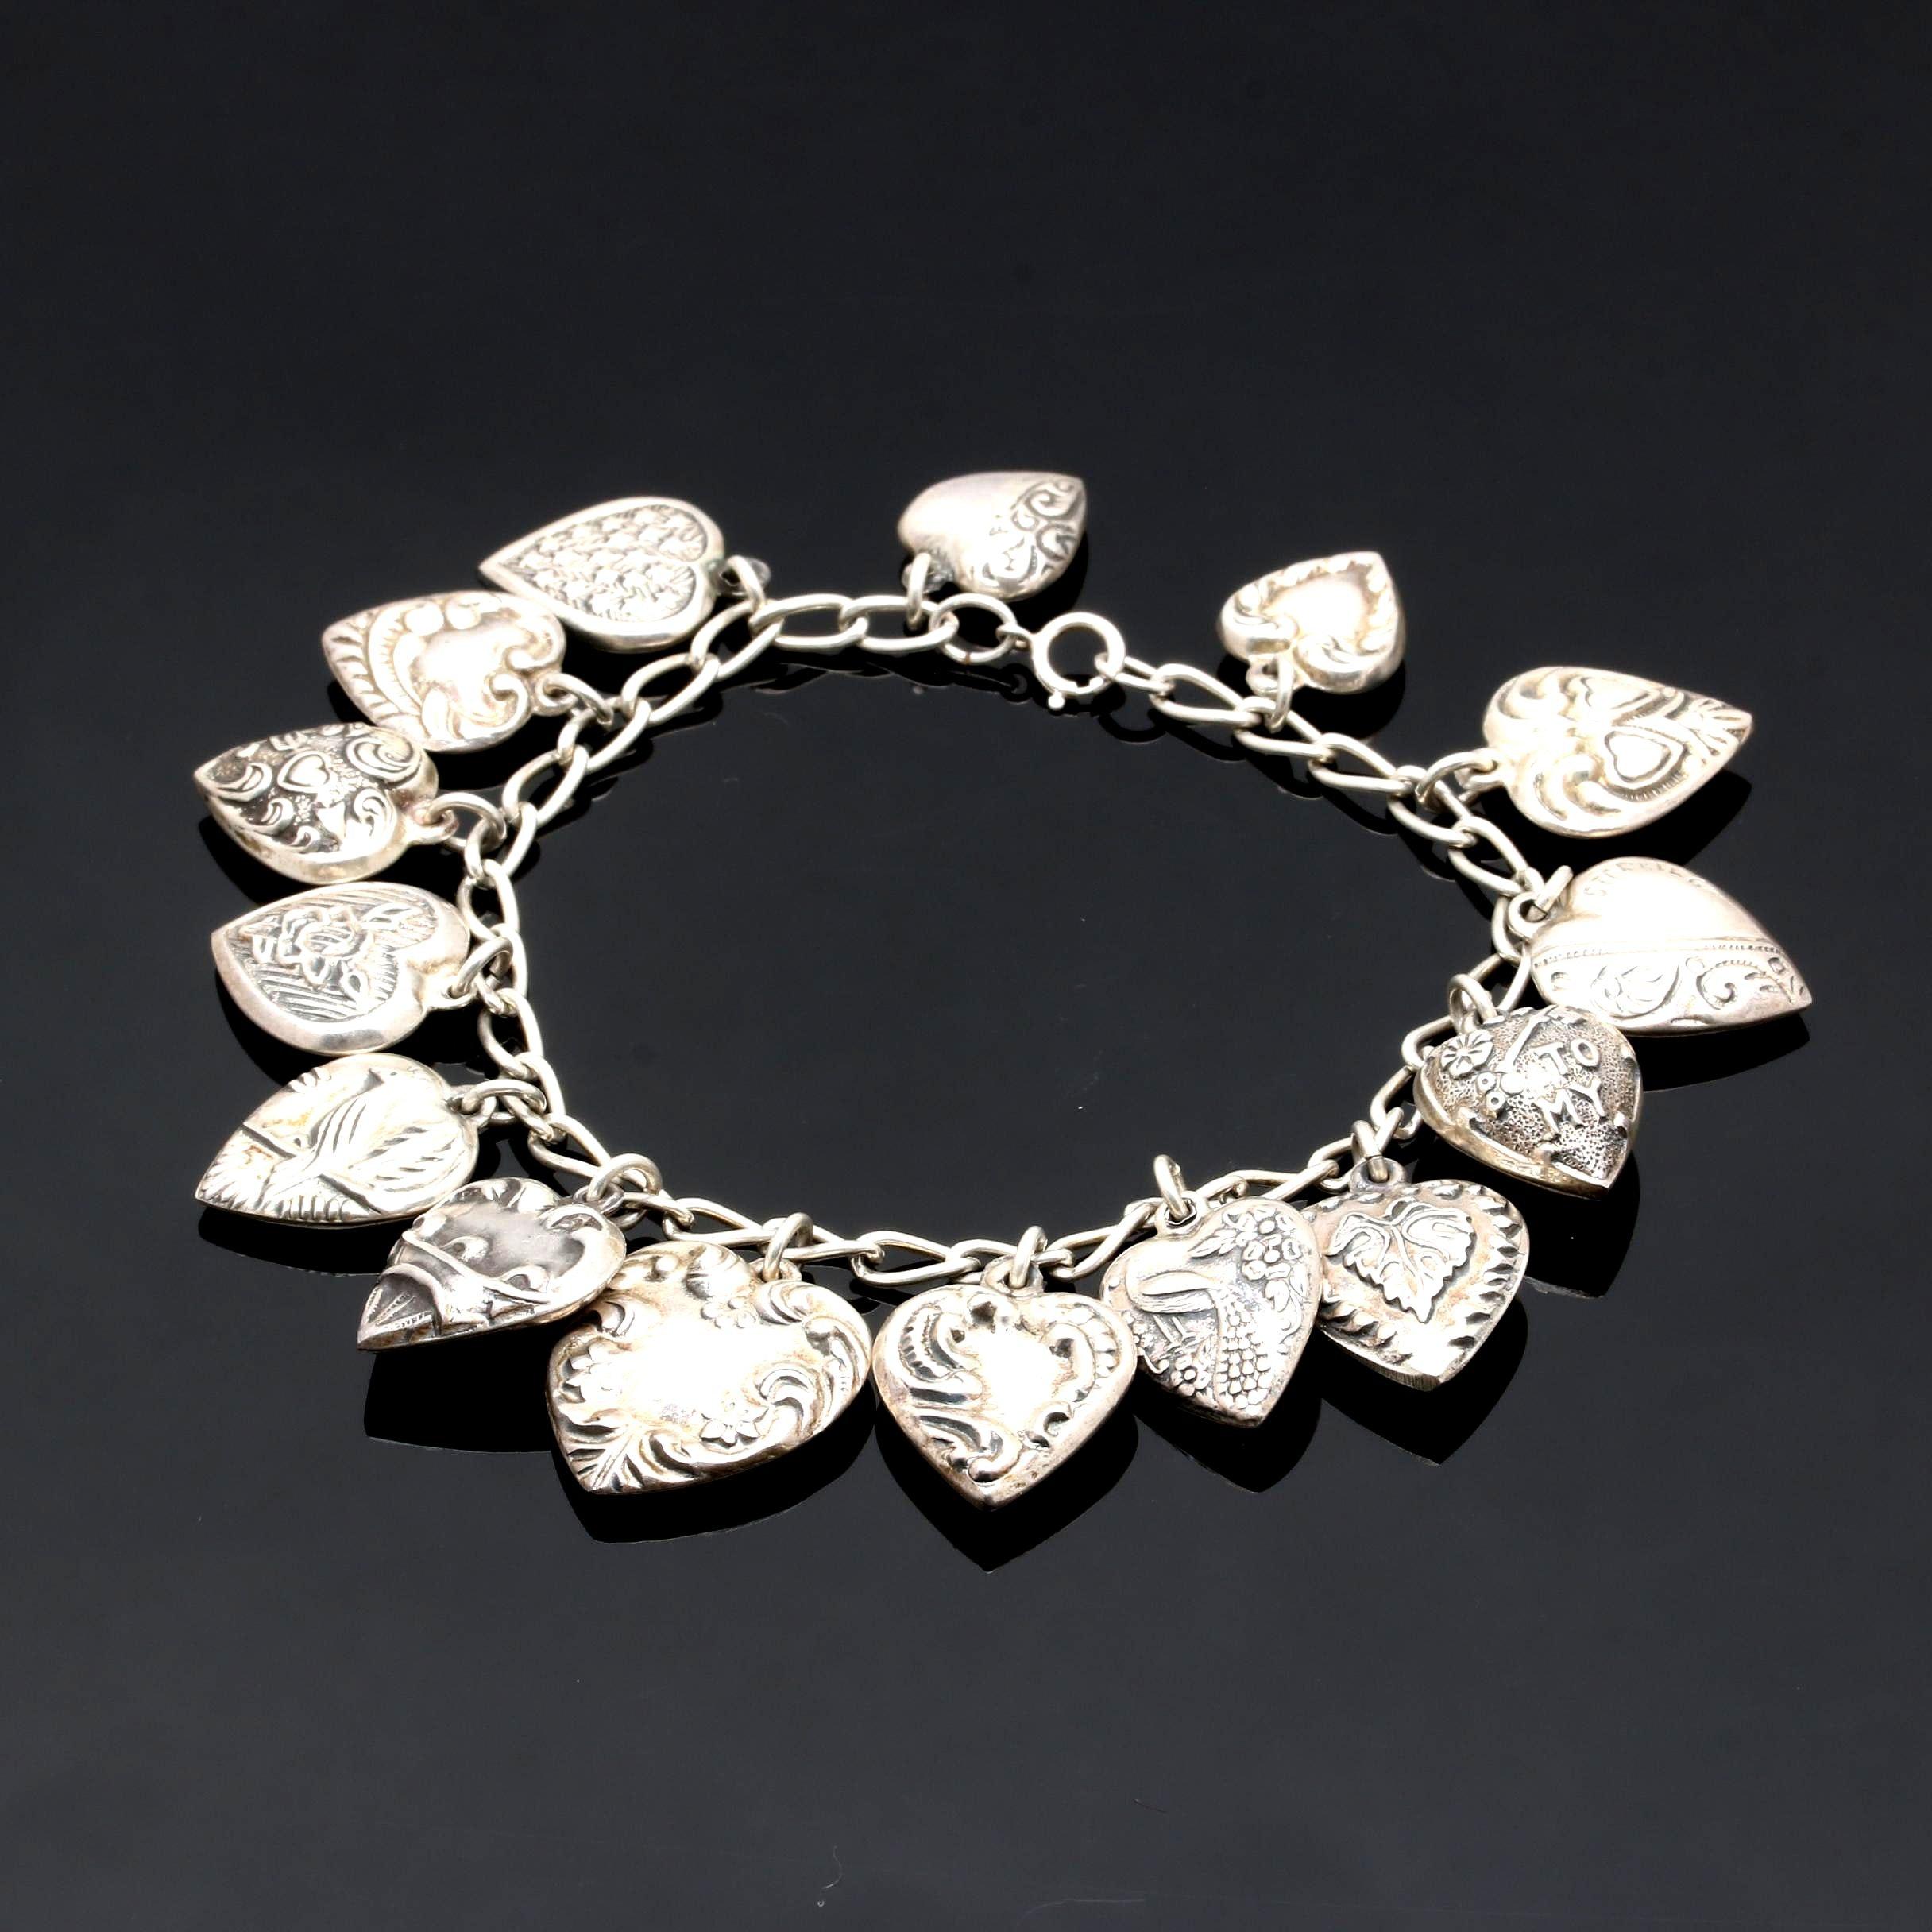 Sterling Silver Puff Heart Charm Bracelet